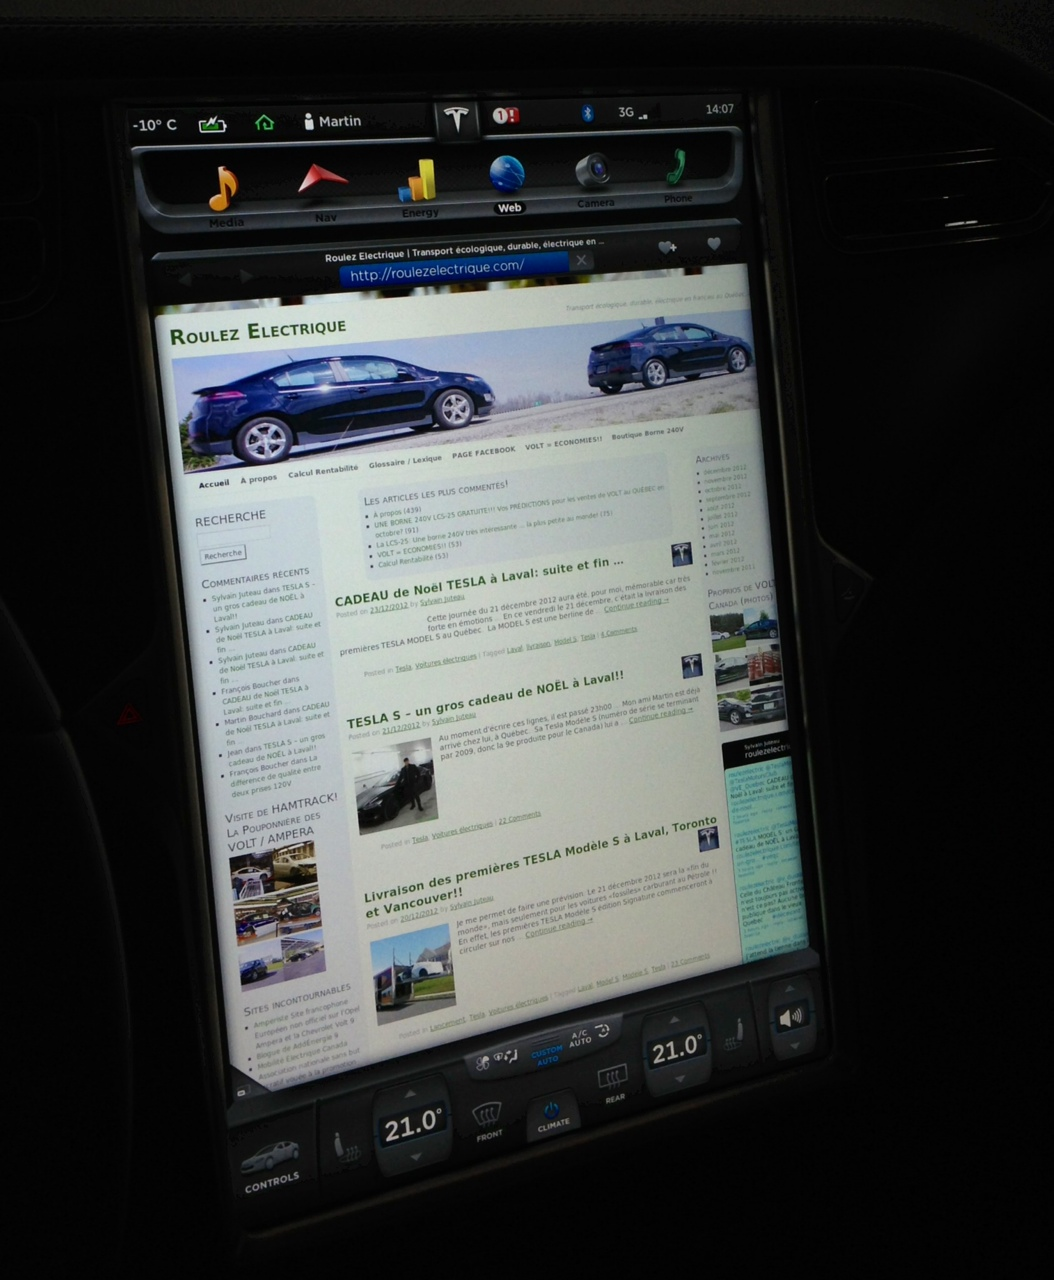 Des nouvelles de Martin : Il lit son blogue préféré dans sa Model S!!